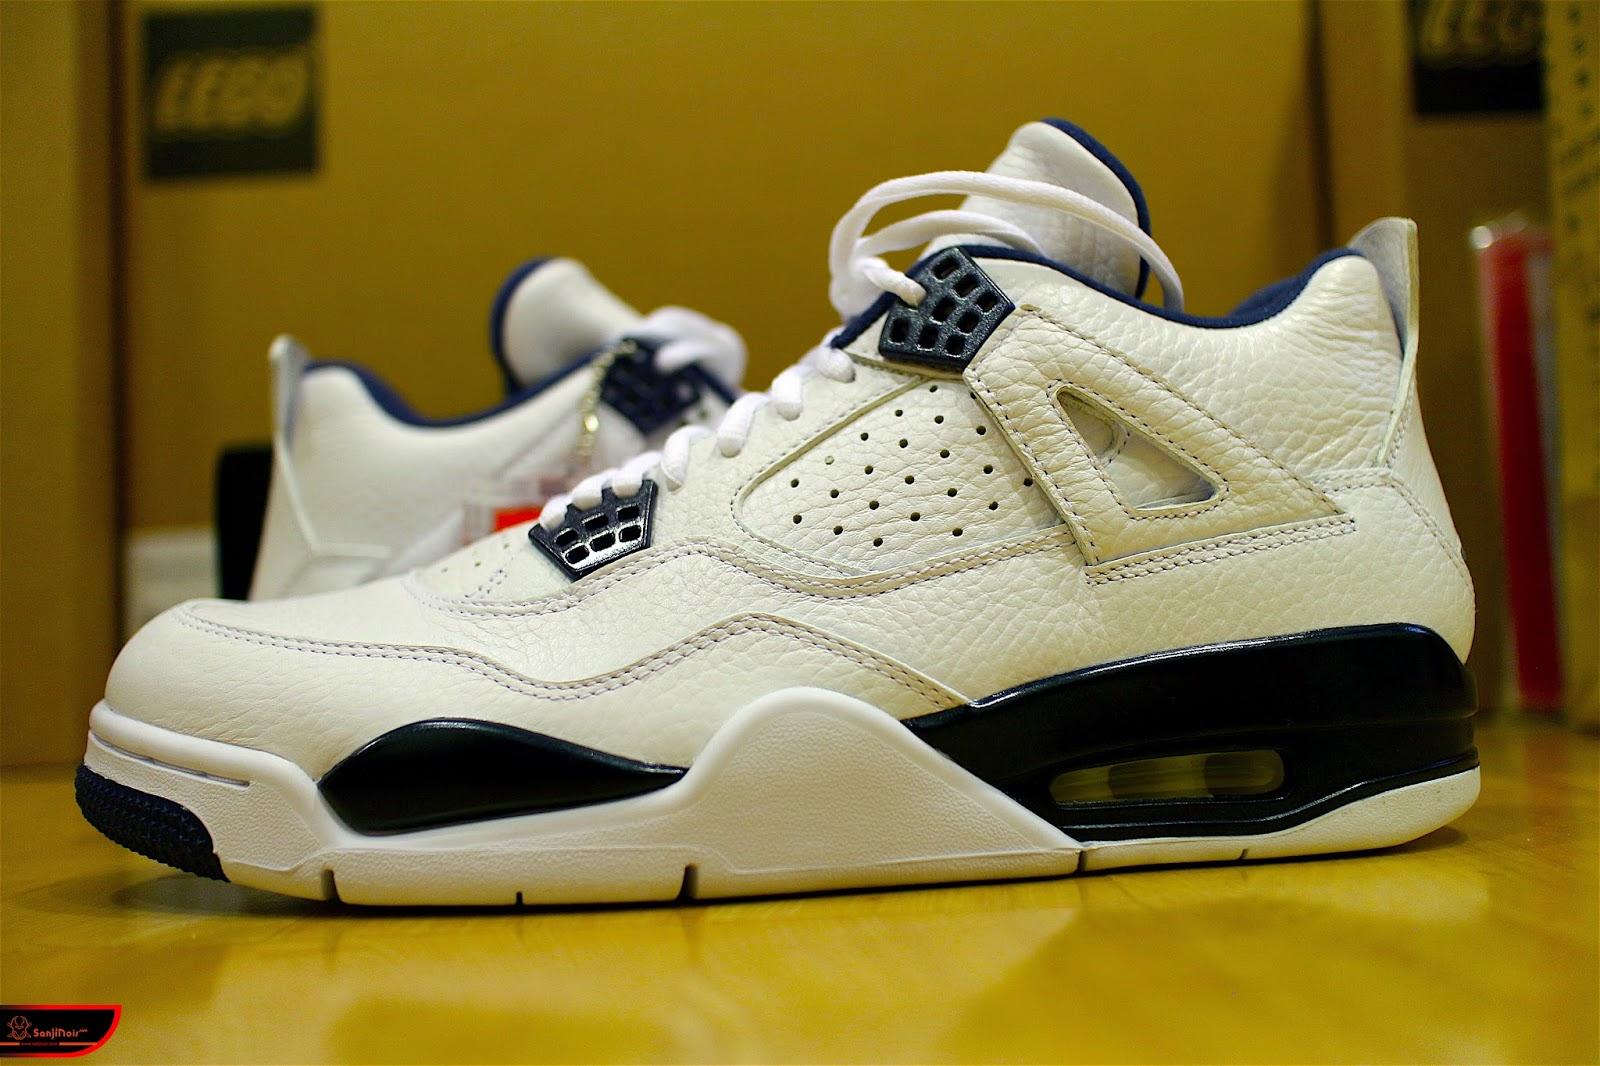 回憶吧!進入Air Jordan 4的三段故事-AIR JORDAN 4 RETRO LS Columbia復刻籃球鞋